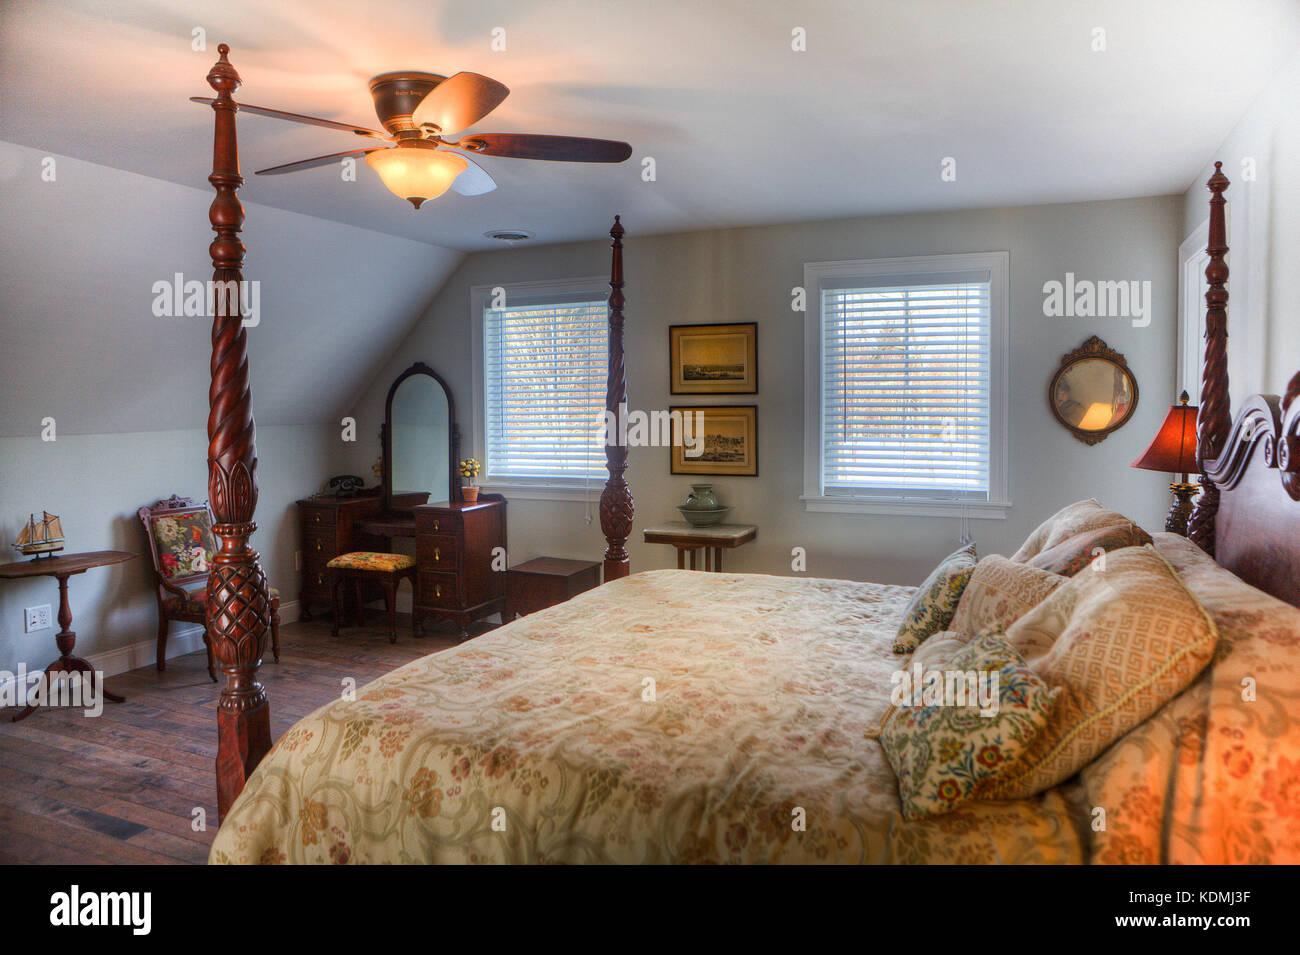 Chambre Et Salle De Bain Attenante chambre avec lit à baldaquin, une table de chevet